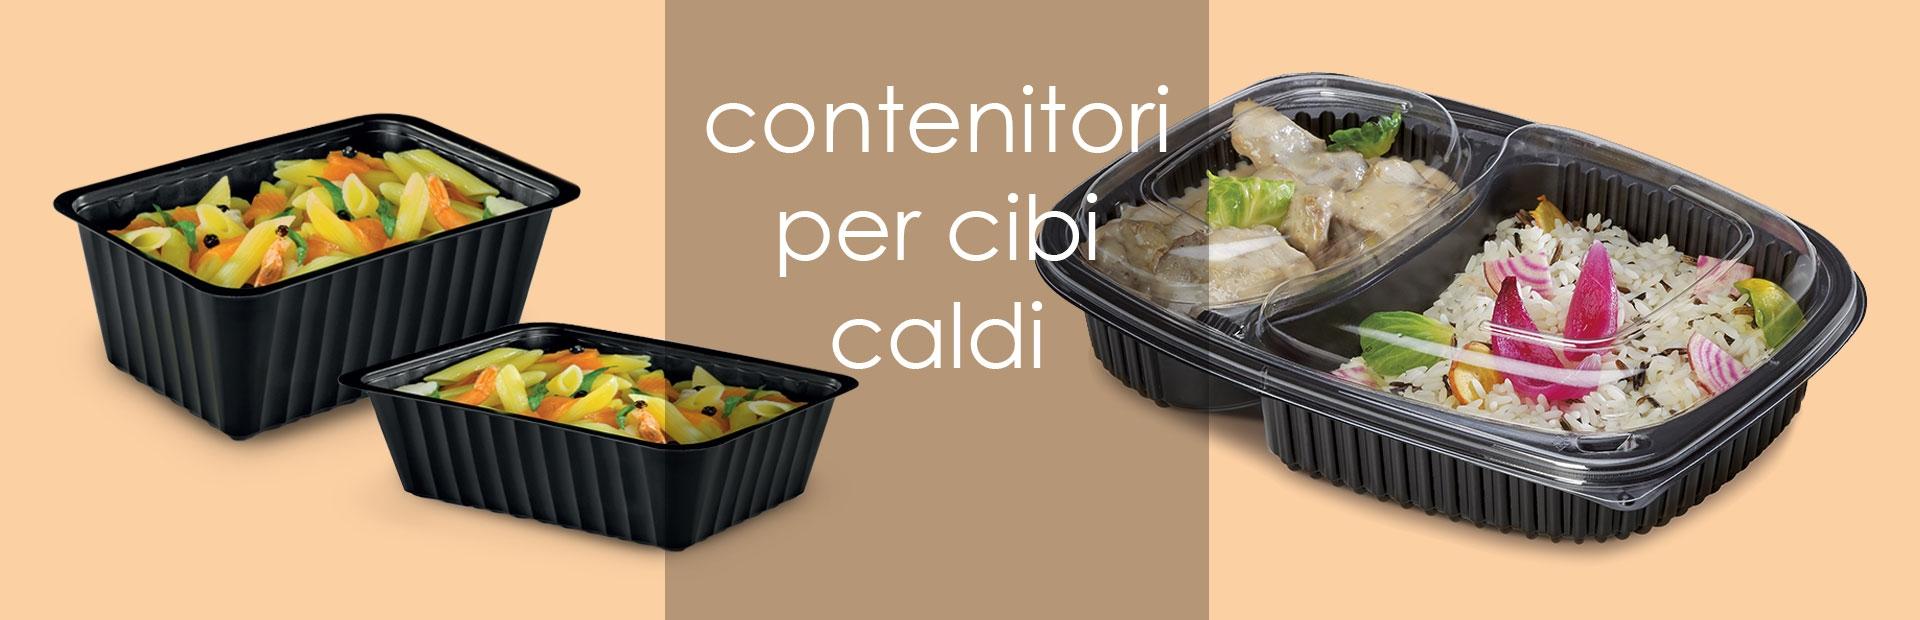 Contenitori take away e delivery per cibi caldi